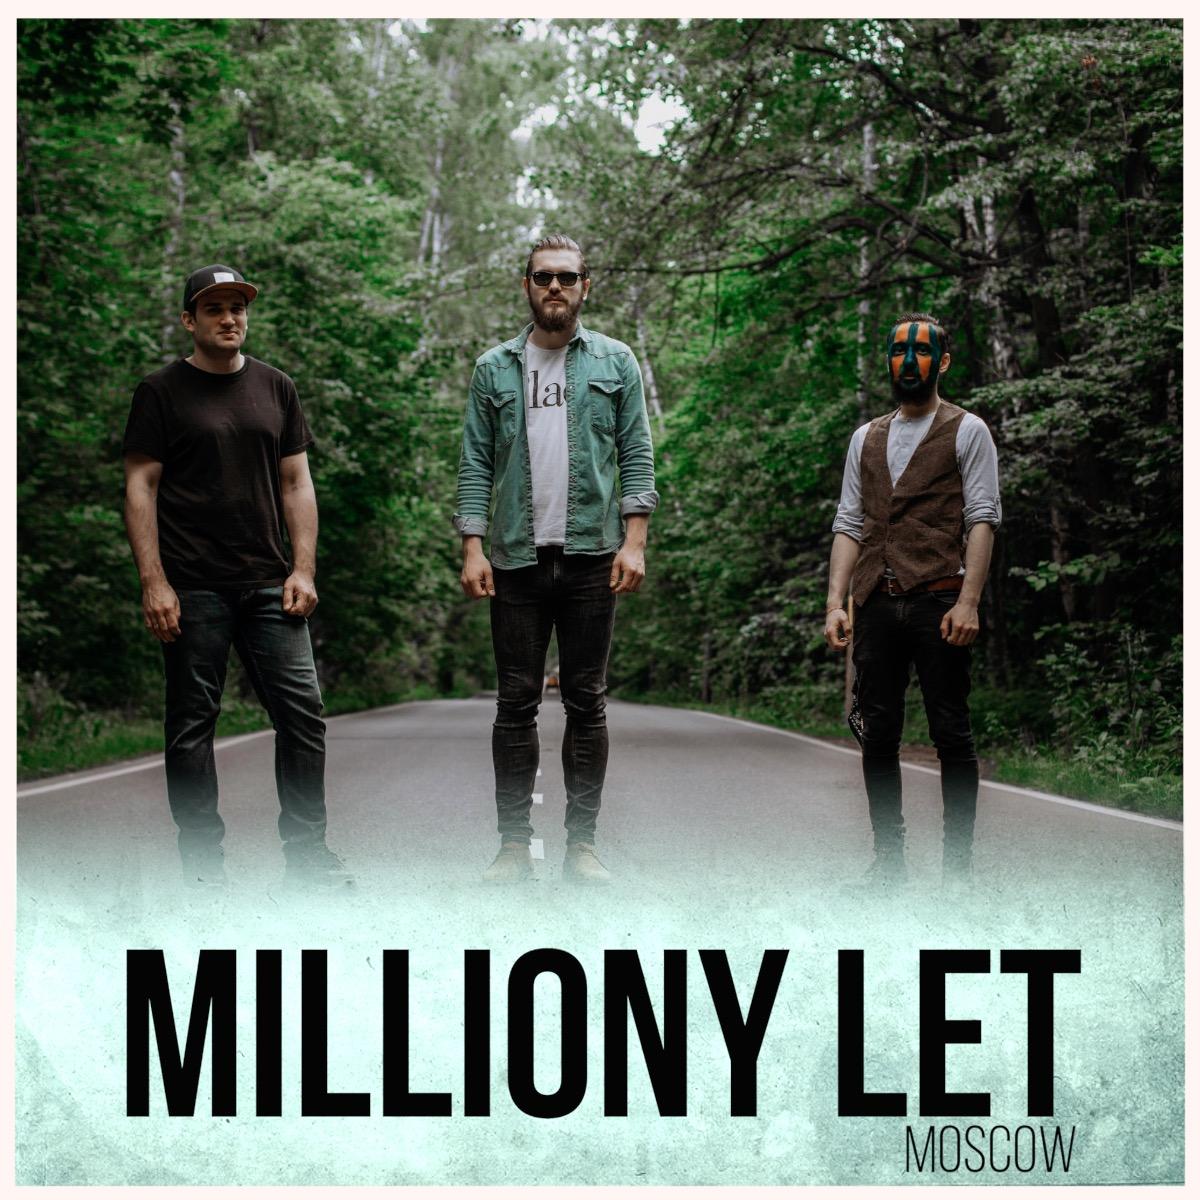 Milliony Let (Москва)